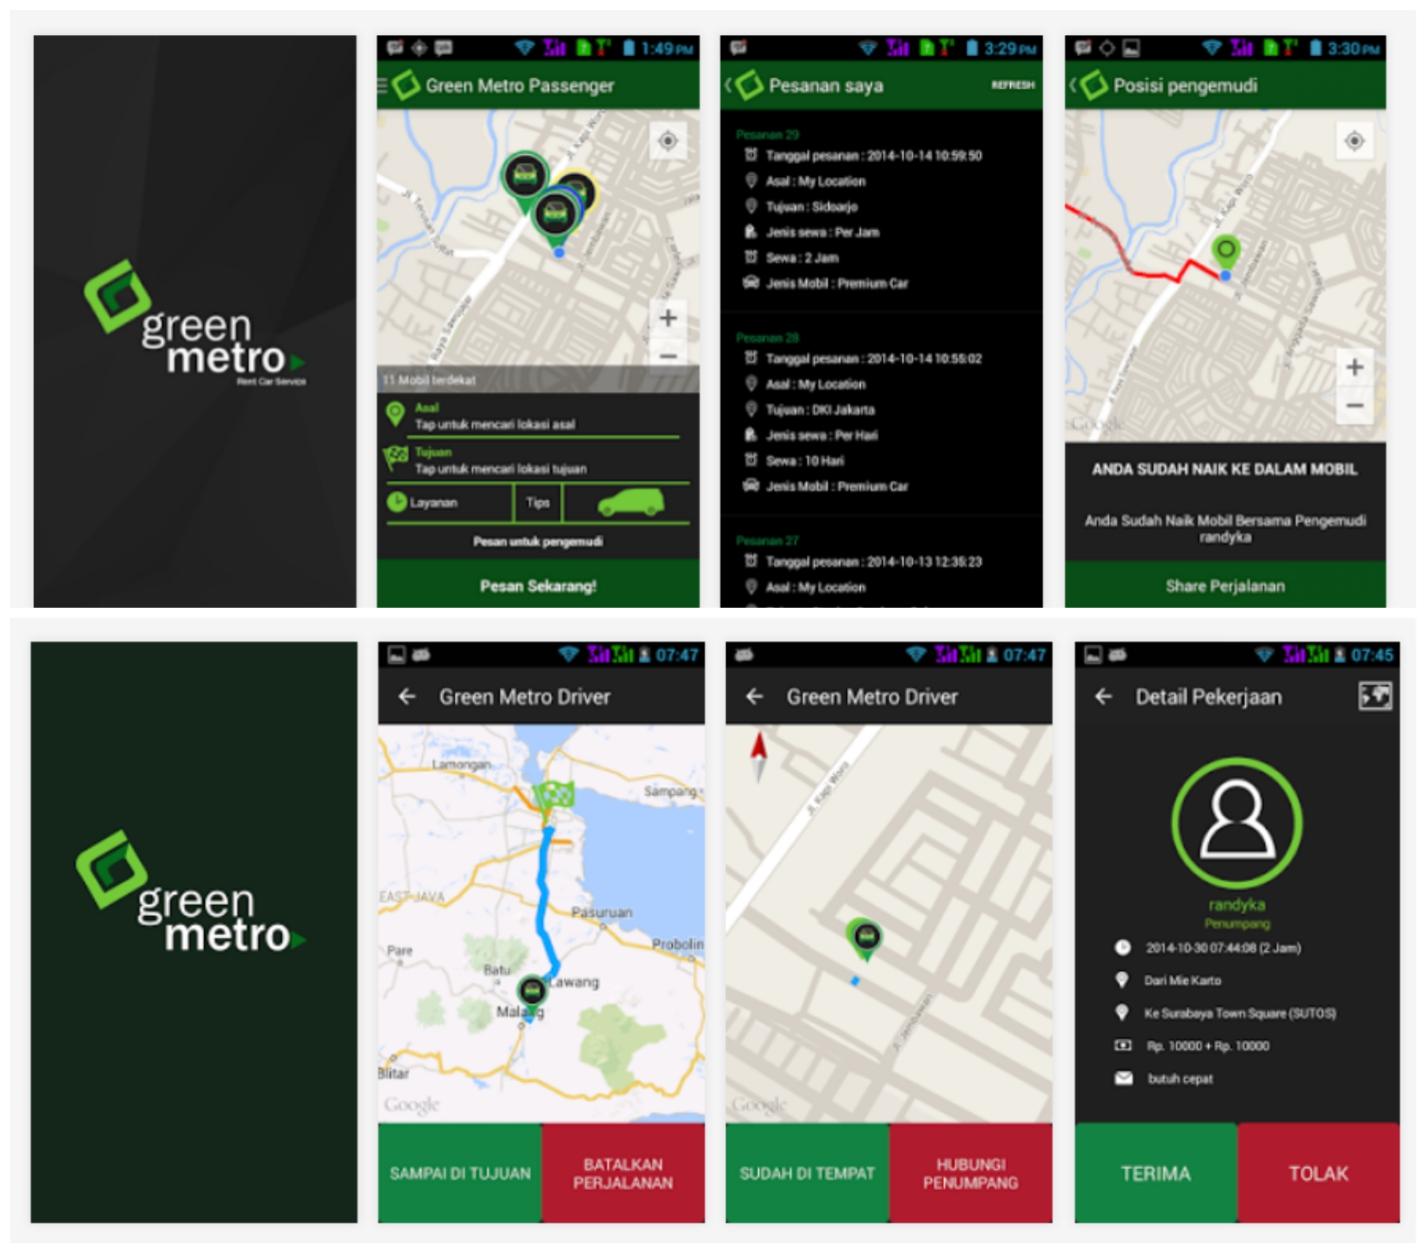 9 Hari 9 Tujuan, Tantangan City Tour Bareng Green Metro Car di